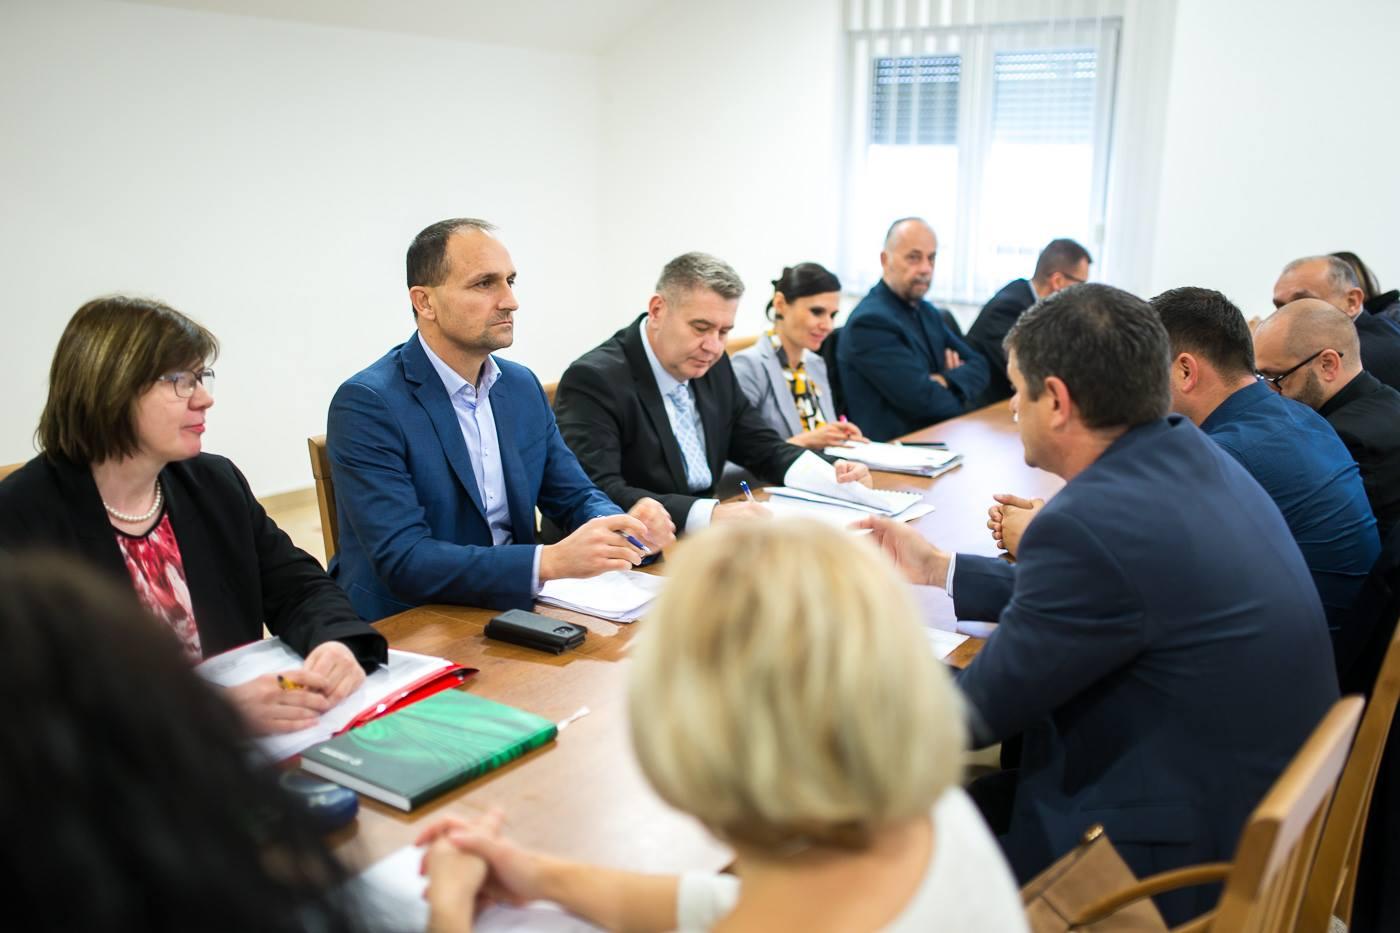 Župan Ivan Anušić na poziv načelnika Ante Krištića došao u radnu posjetu